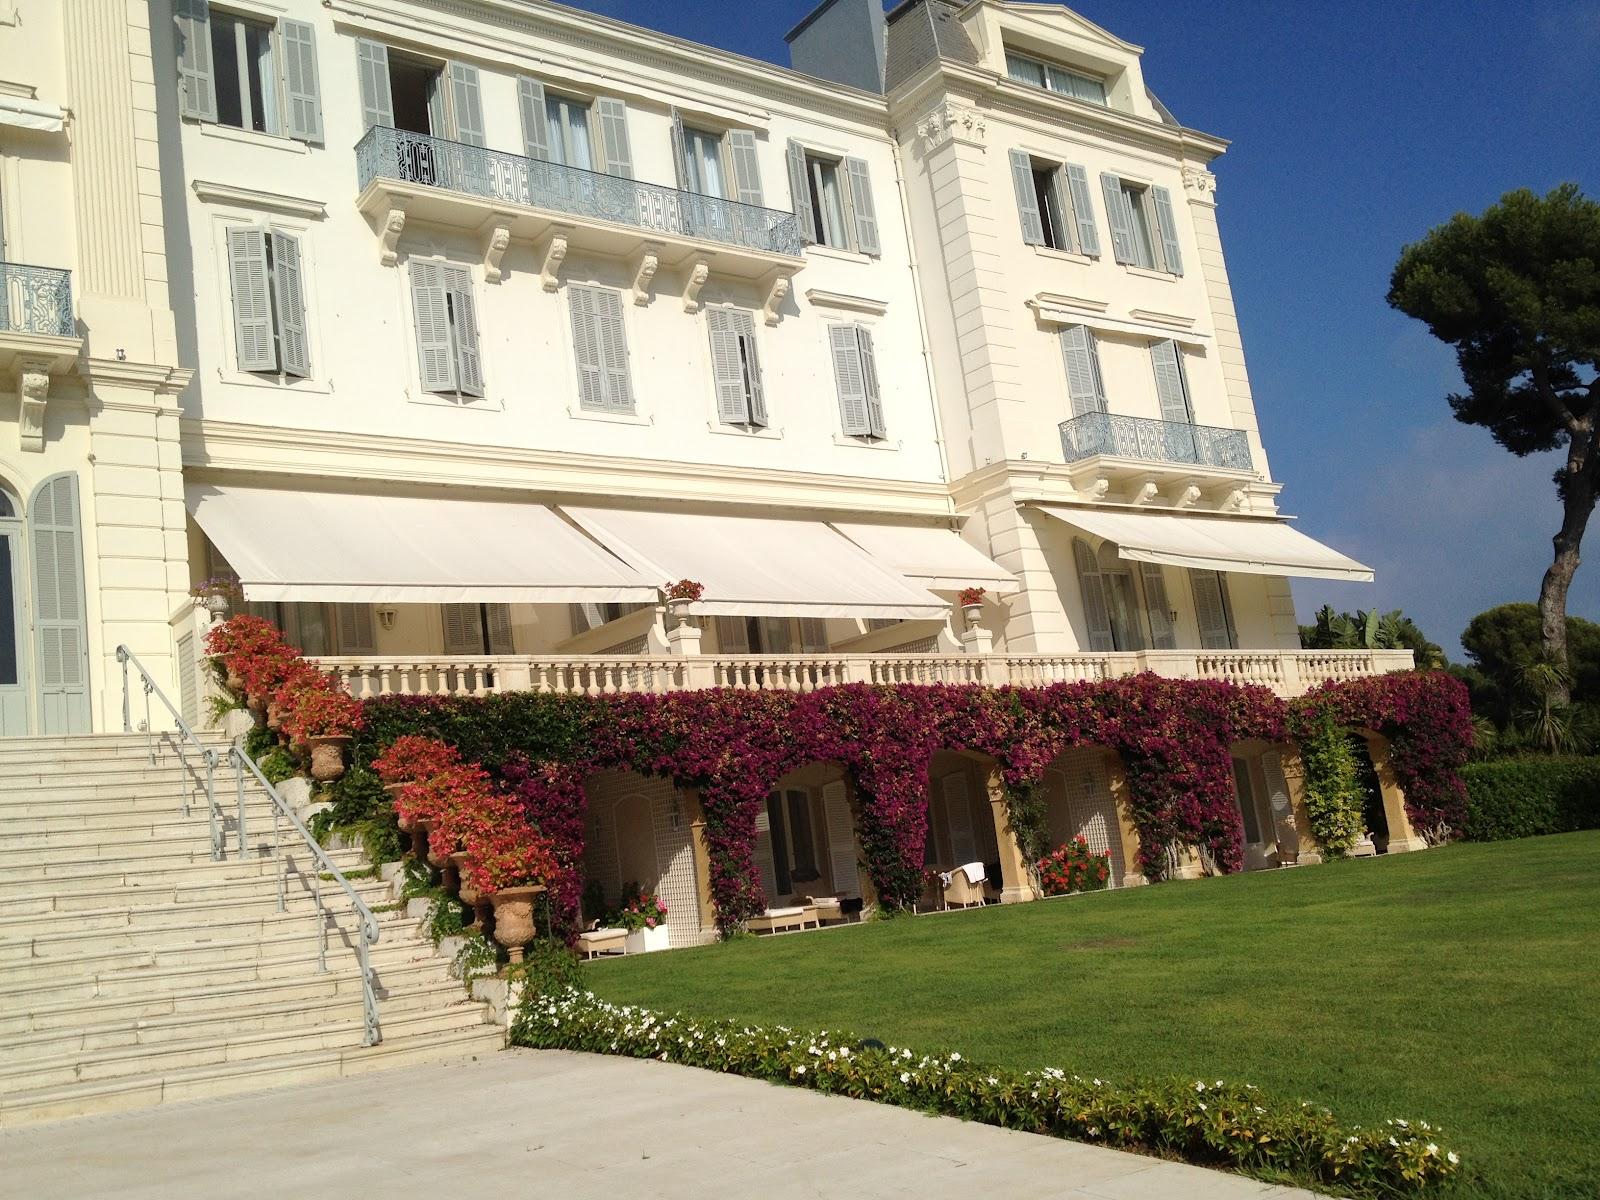 Hotel_du_Cap_Eden_Roc-bebet.net-5